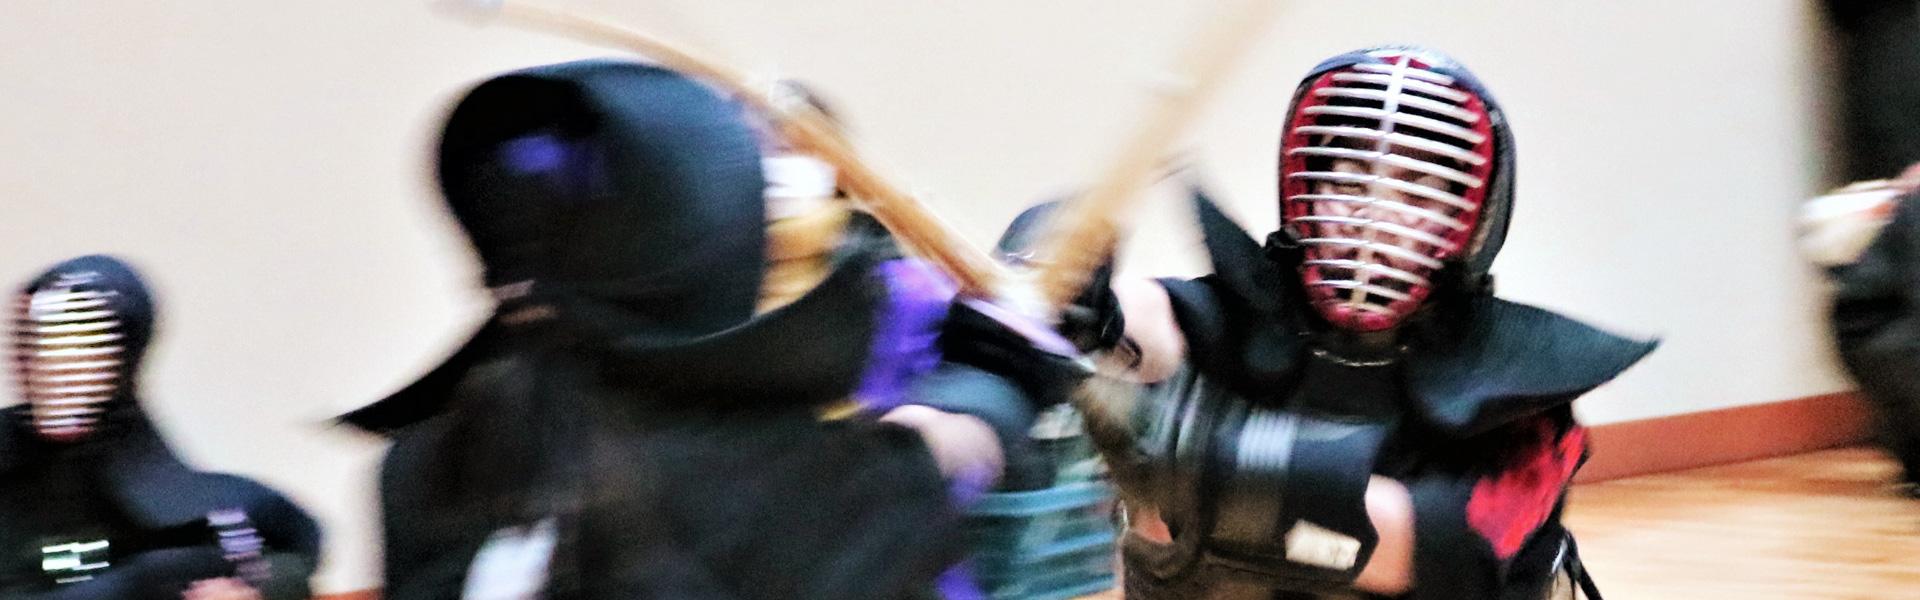 手ぶらで体験入門OK!きみも剣道教室「春日台剣友会」の門をたたいてみよう!